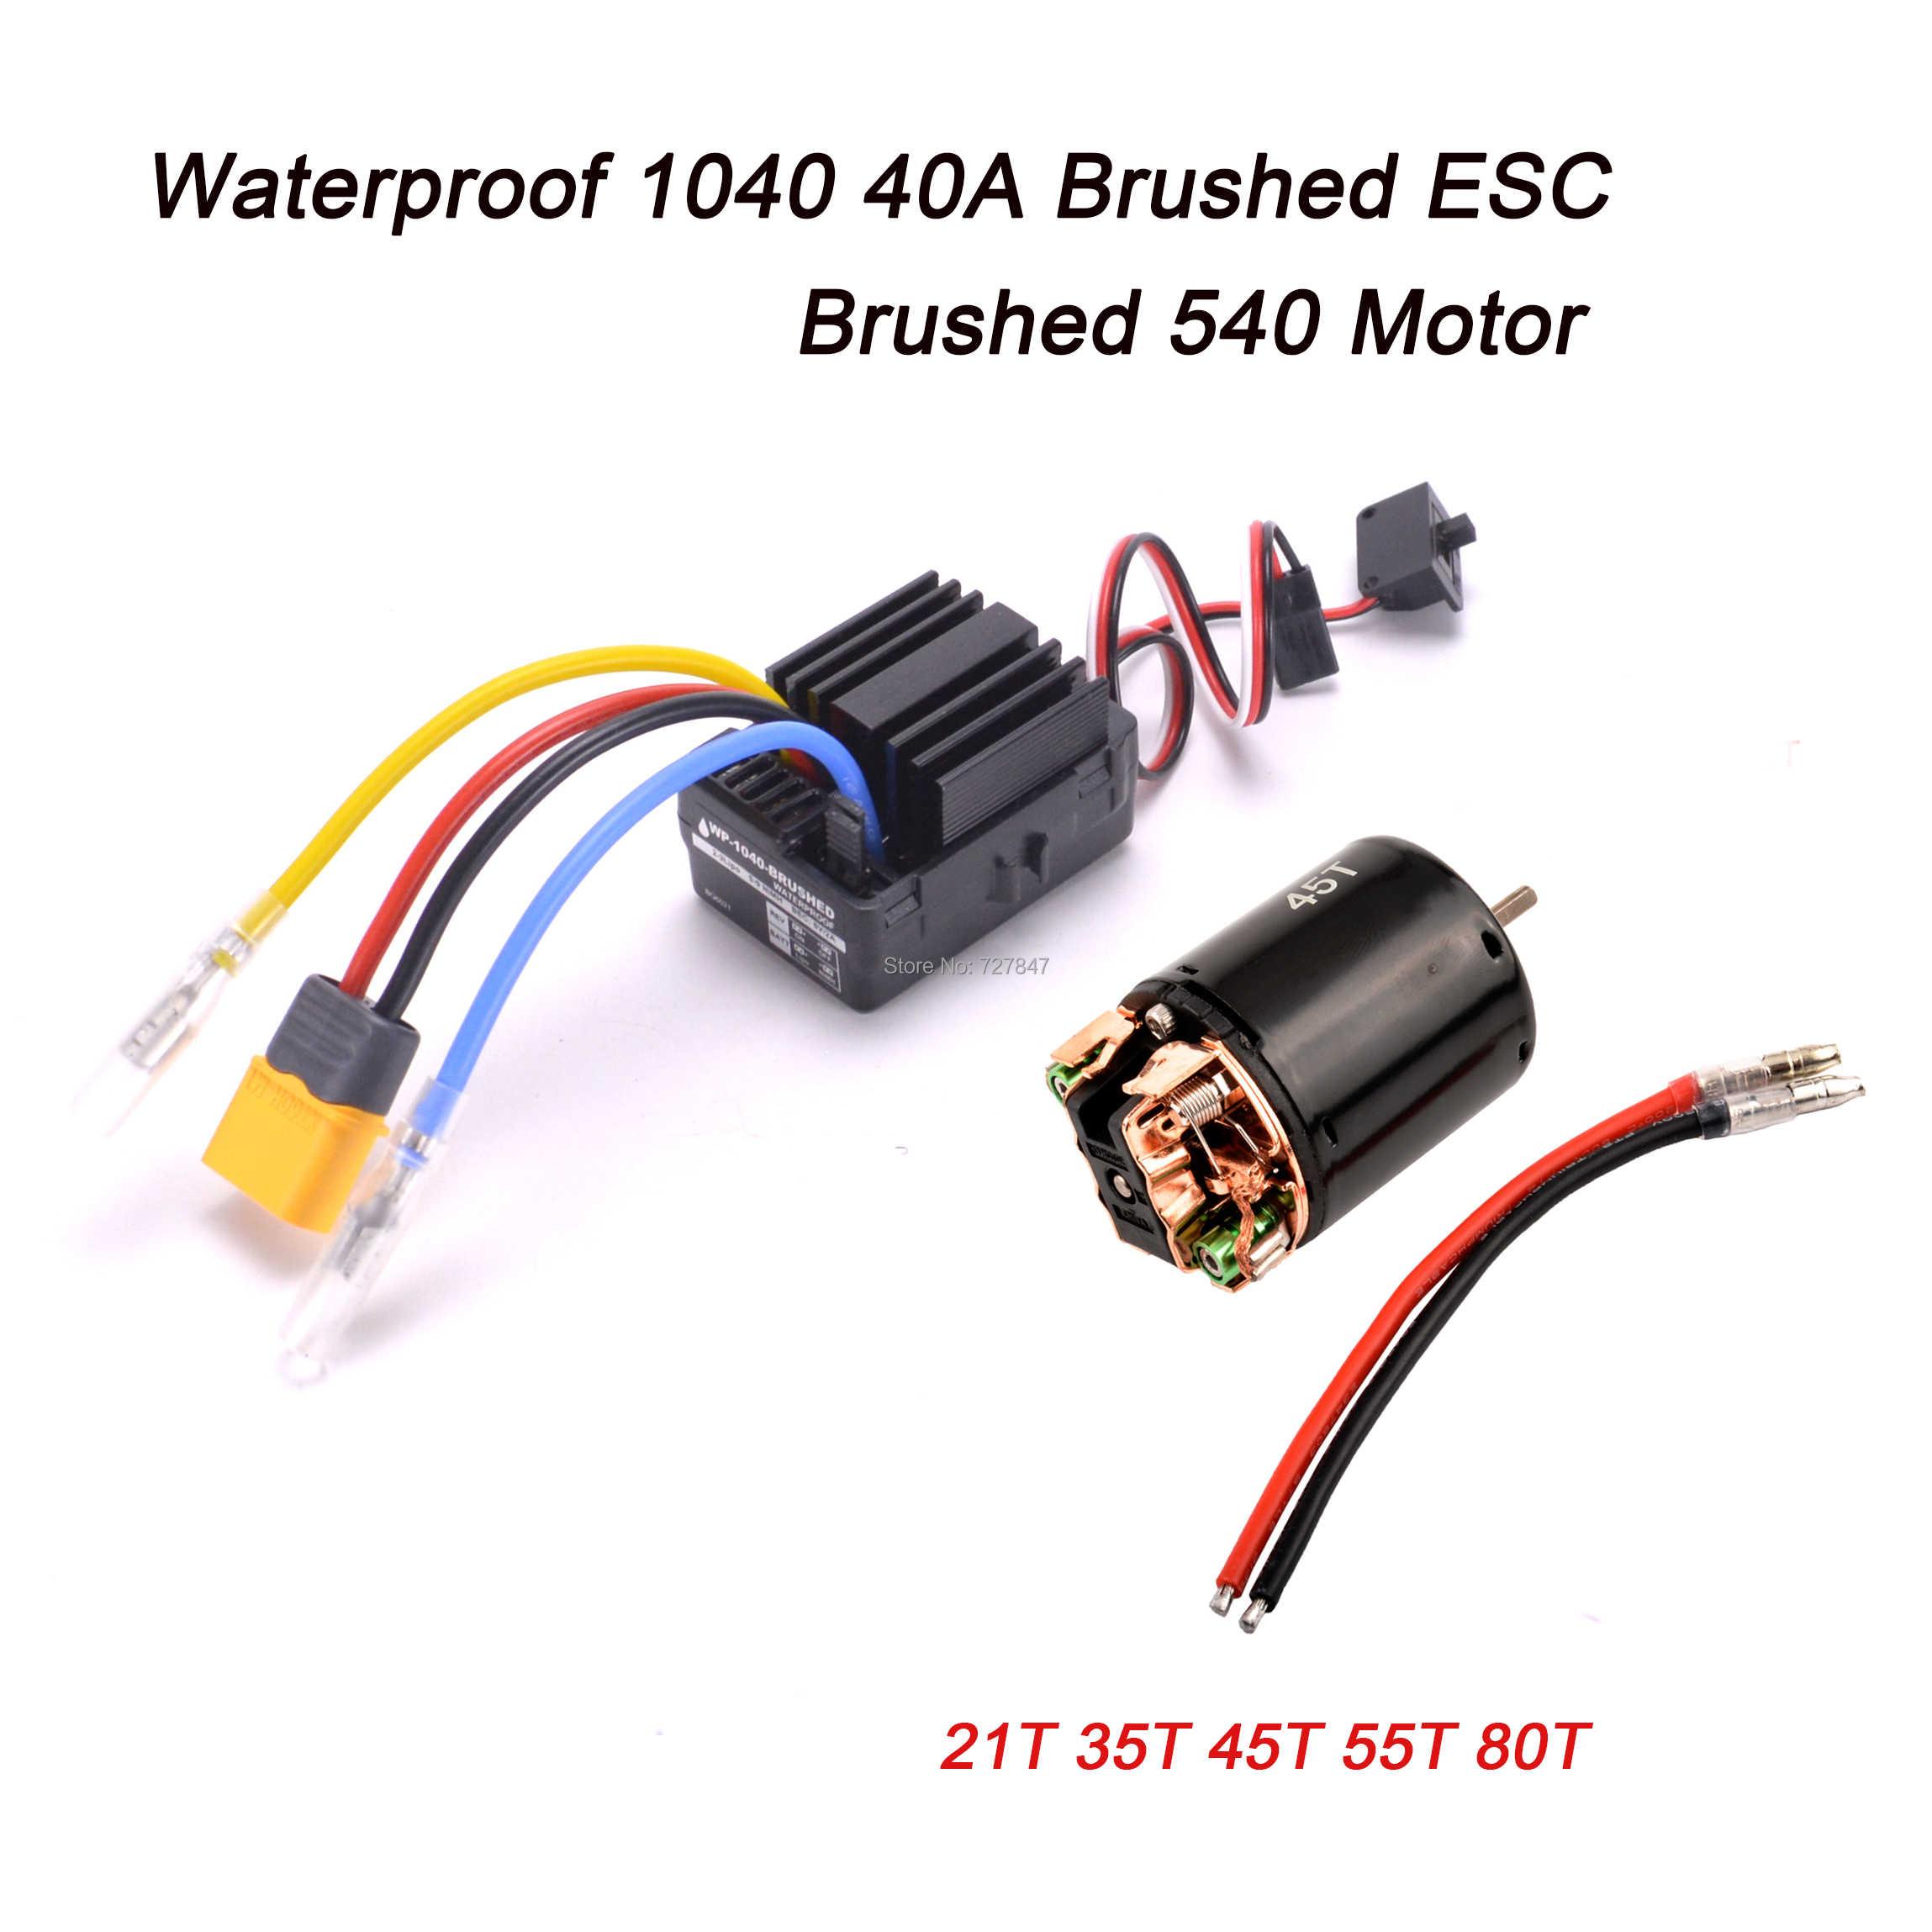 Impermeable 1040 40A cepillado ESC con Motor 540 21 35T 45T 55T 80T para 1/10 RC Hobby coche barco oruga